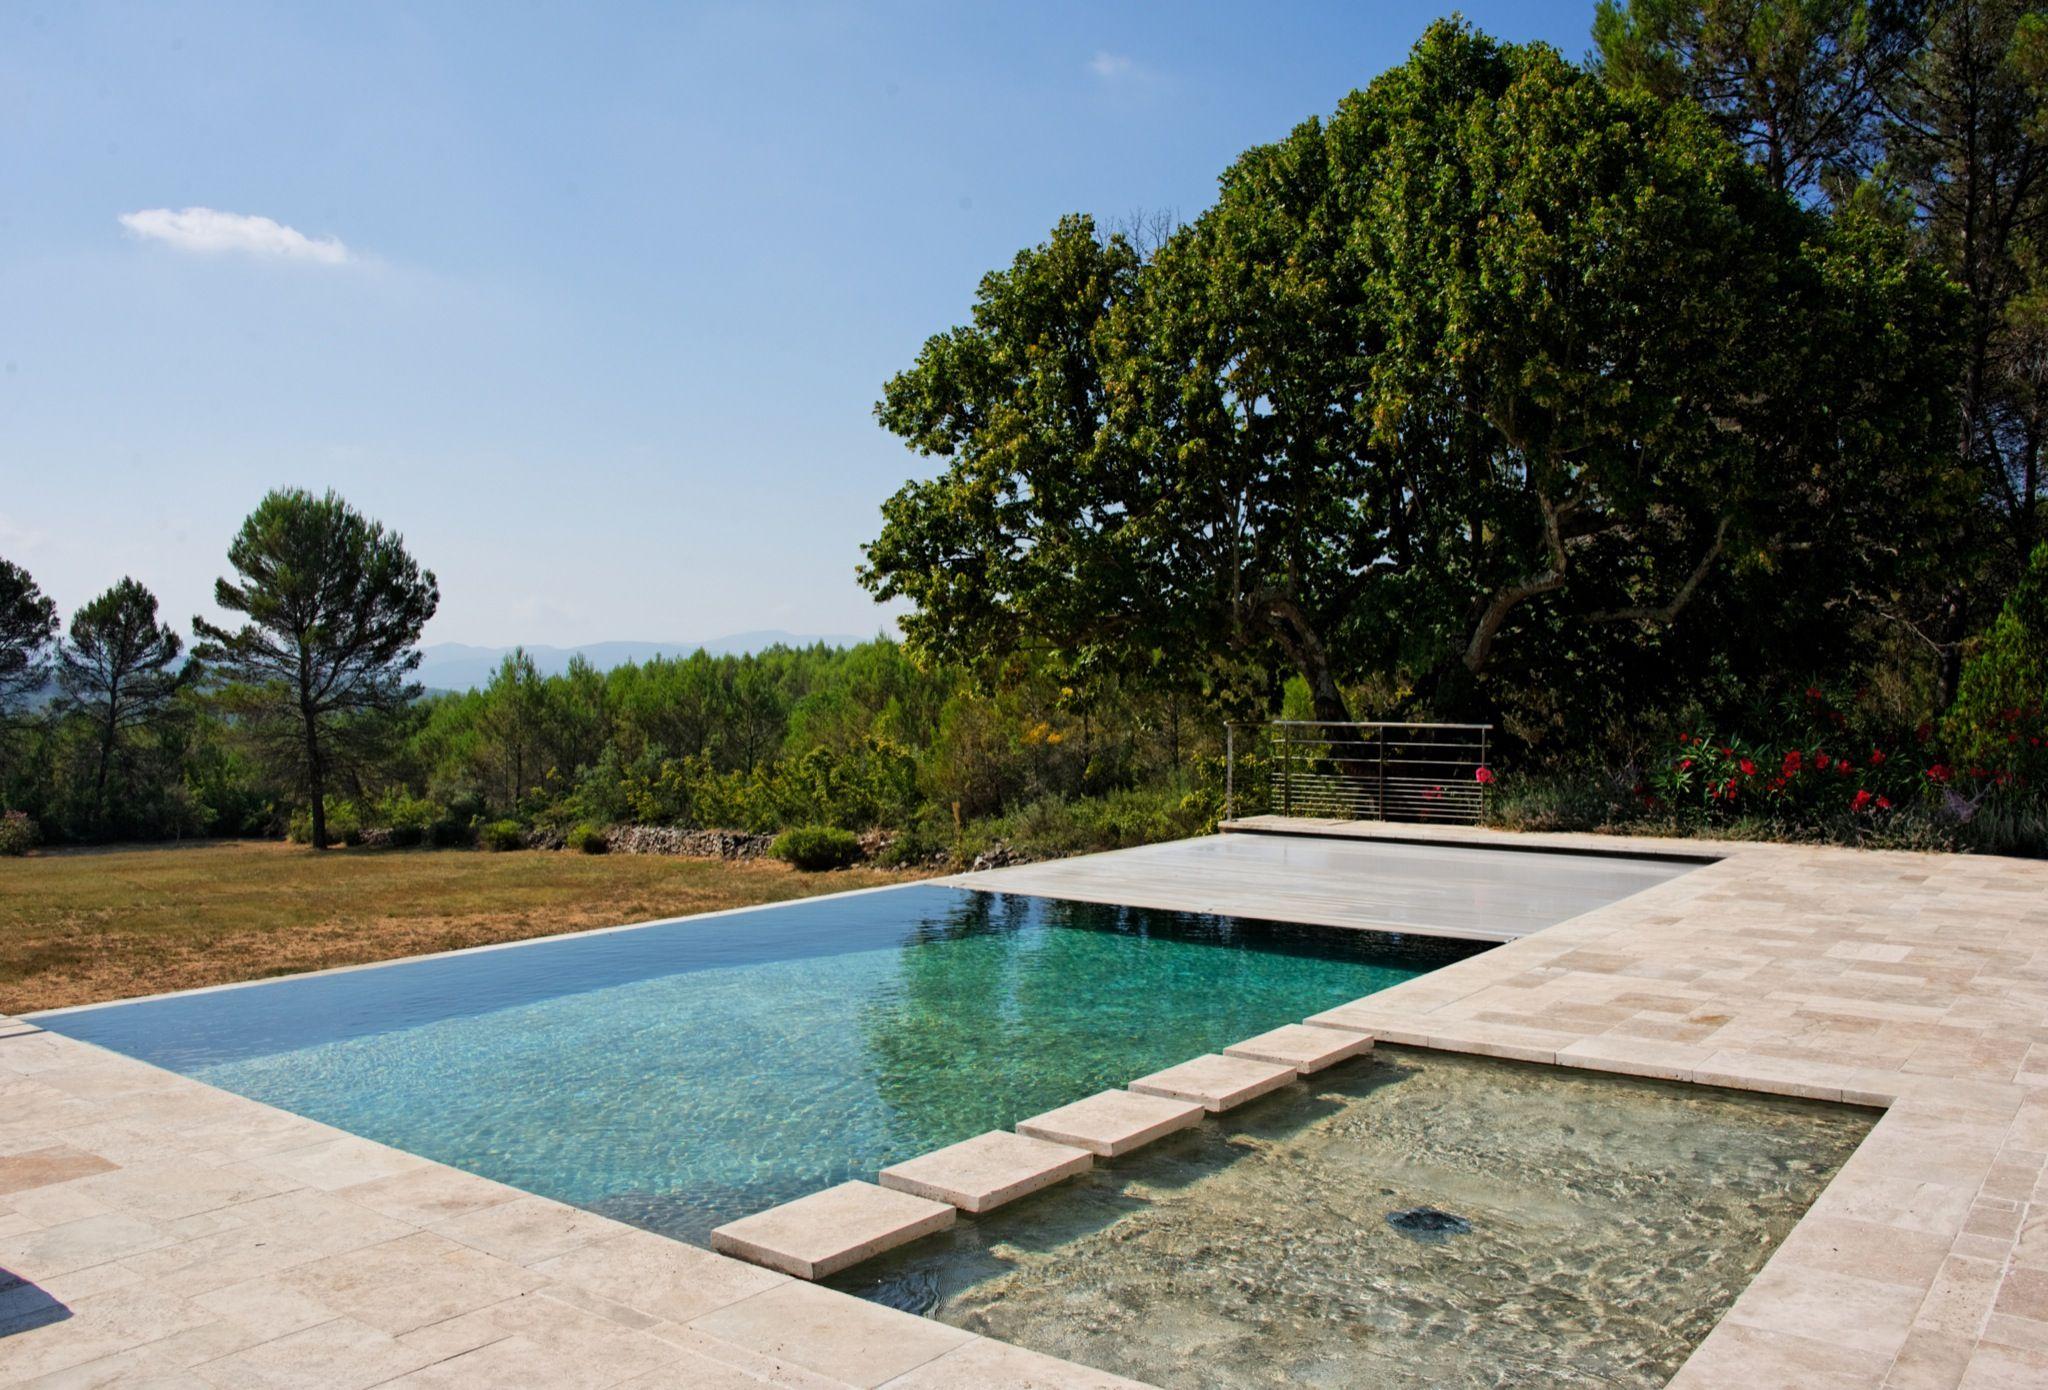 le d bordement par l esprit piscine 12 5 1m margelles travertin conception architecte. Black Bedroom Furniture Sets. Home Design Ideas